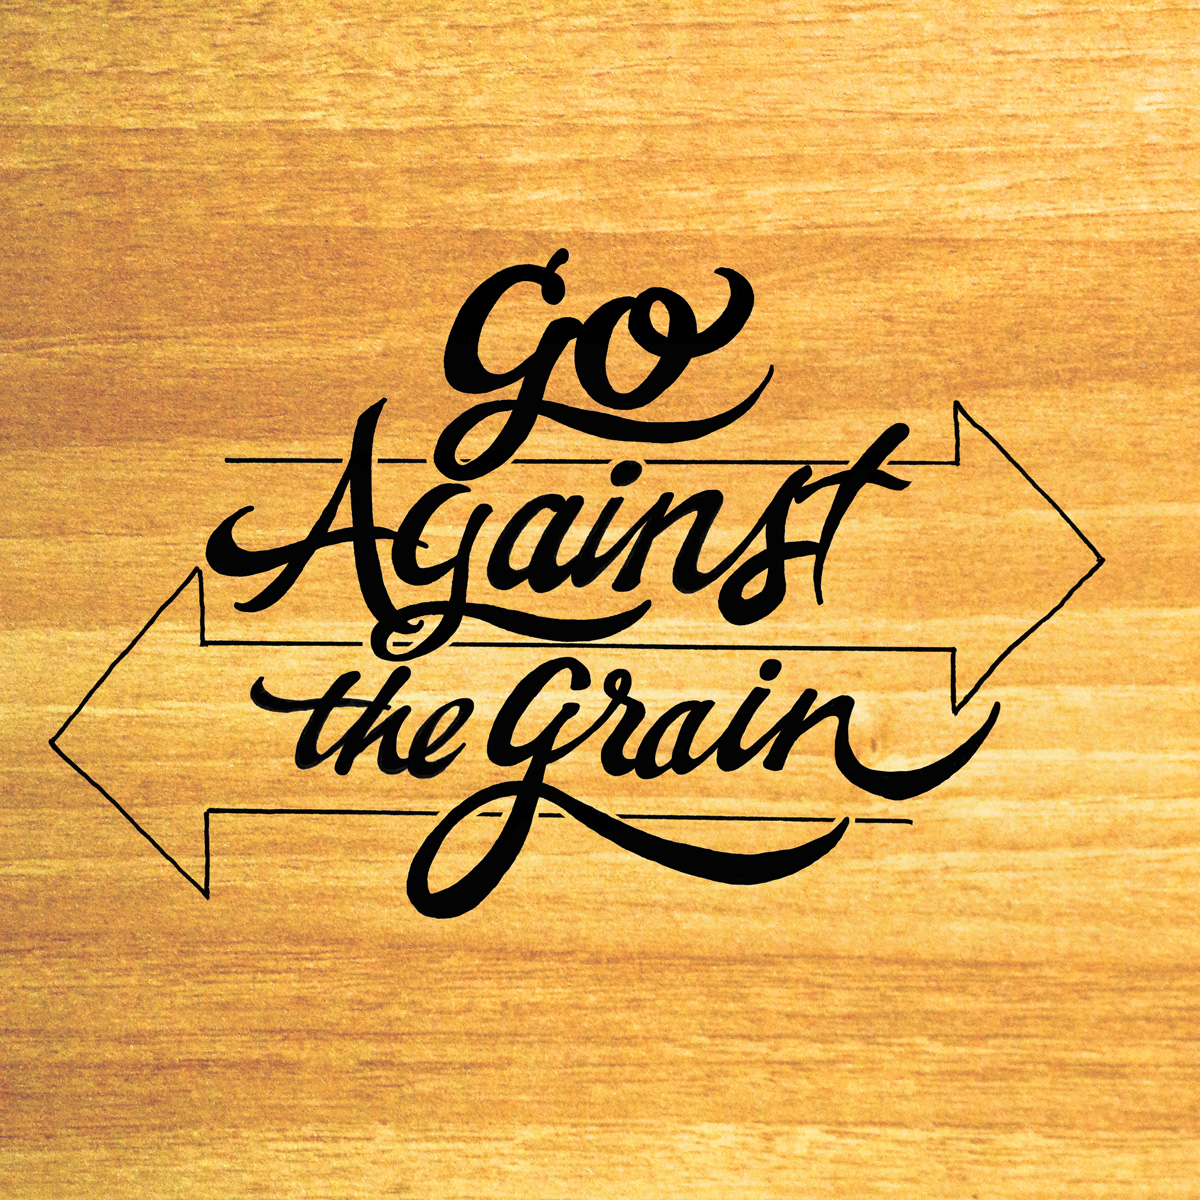 157-Go-Against-the-Grain.jpg